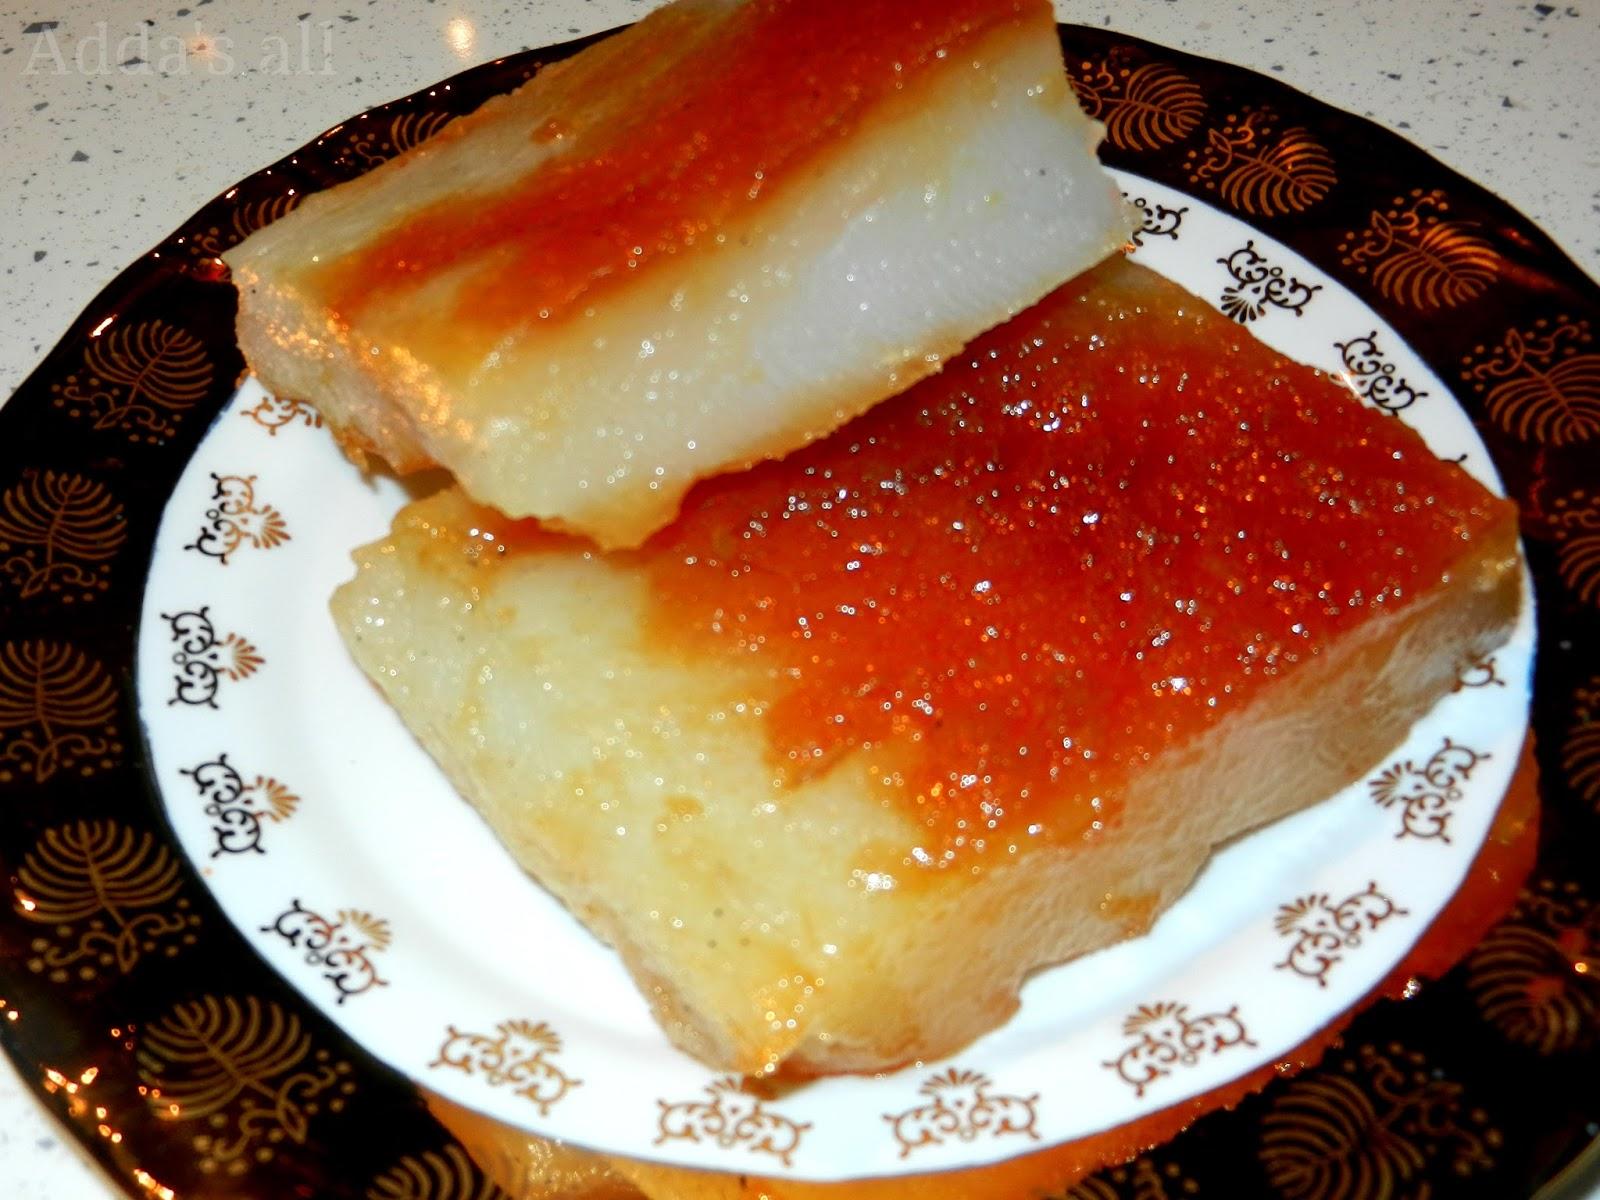 Favorito Adda's All : Hasude dolce albanese al amido AJ53